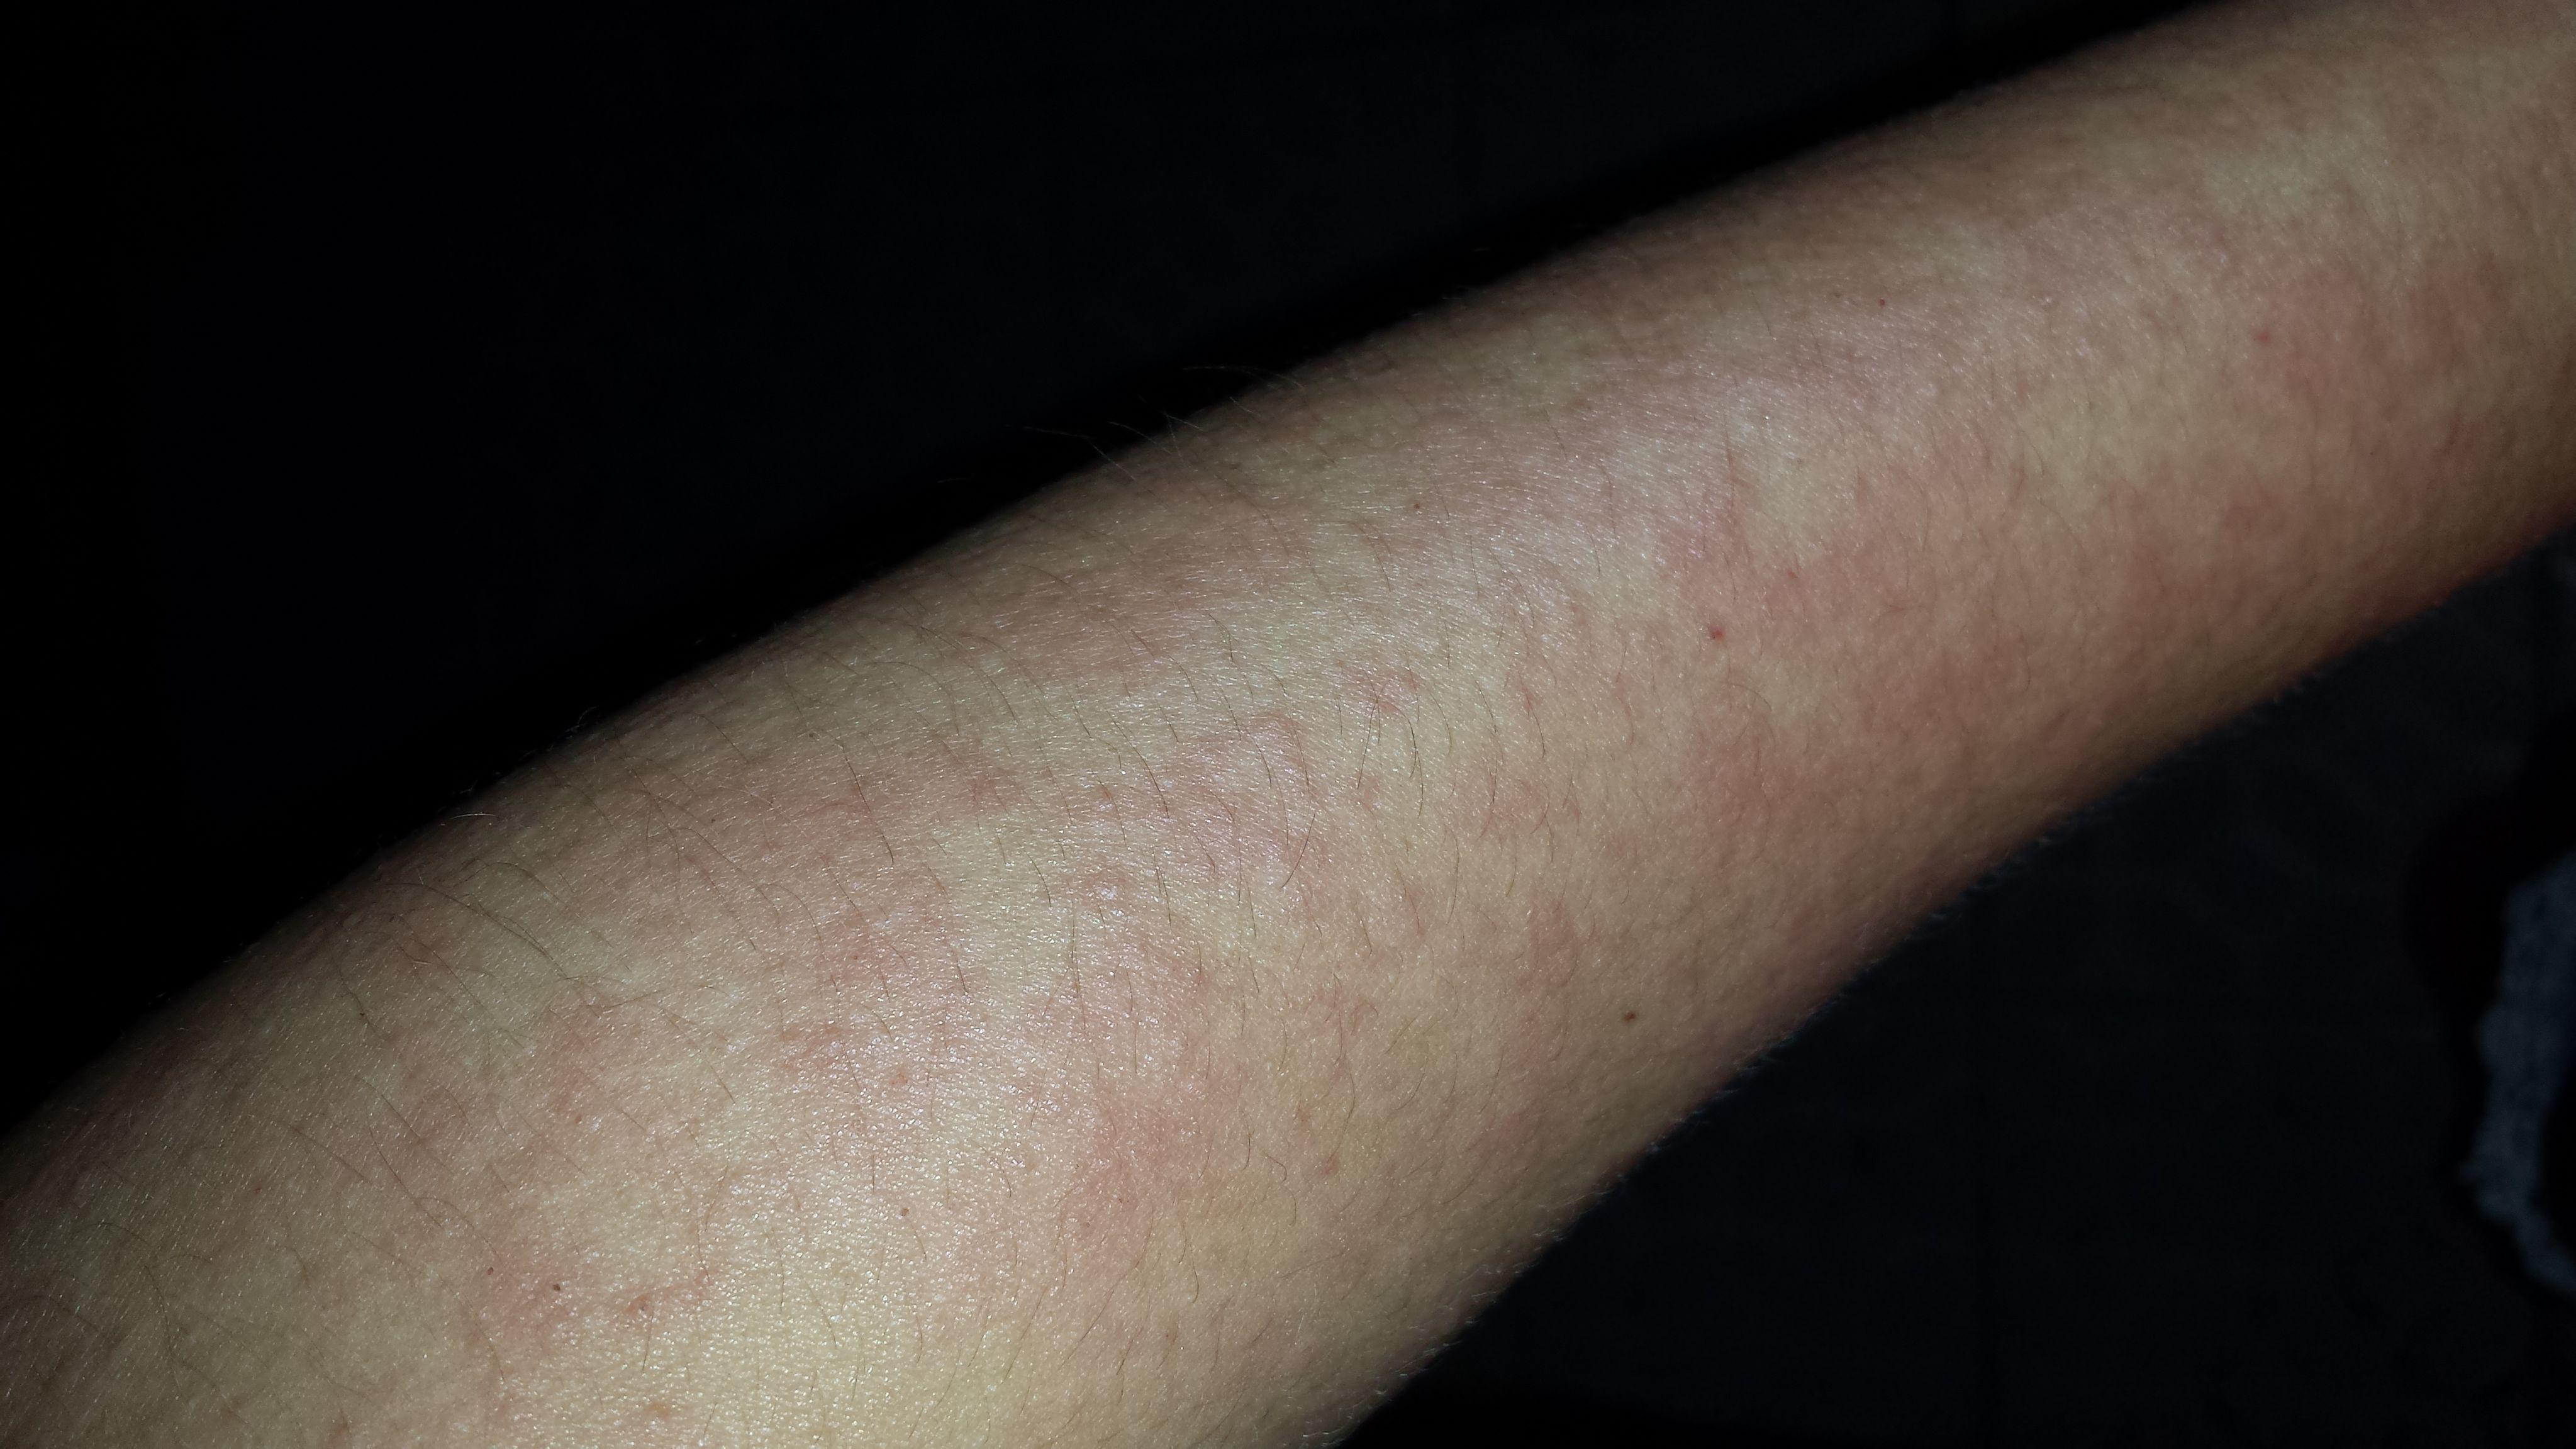 皮肤病 大概是什么病图片